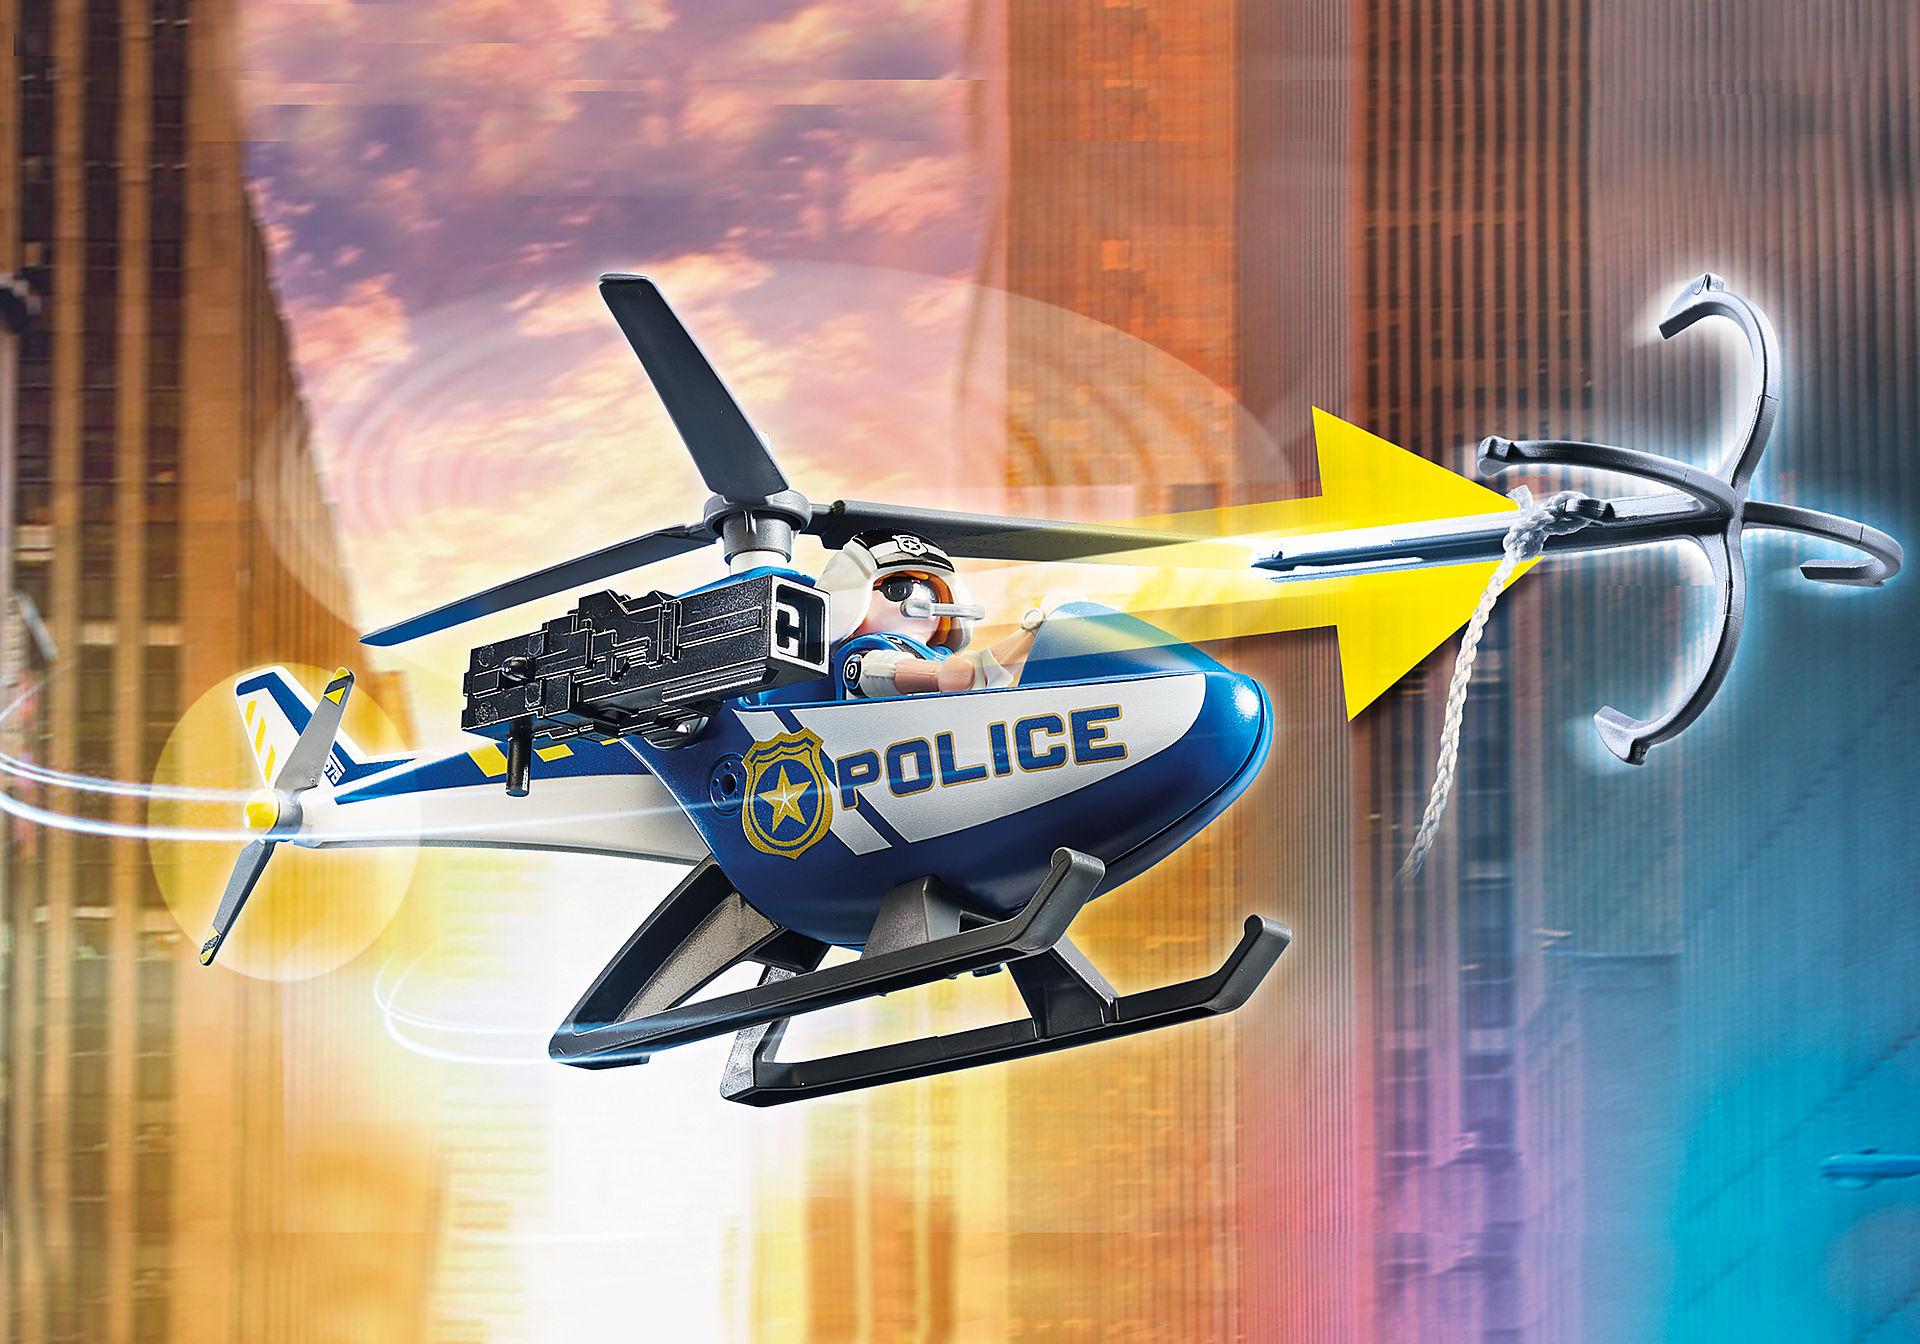 70575 Politihelikopter: Forfølgelse af flugtbilen zoom image6